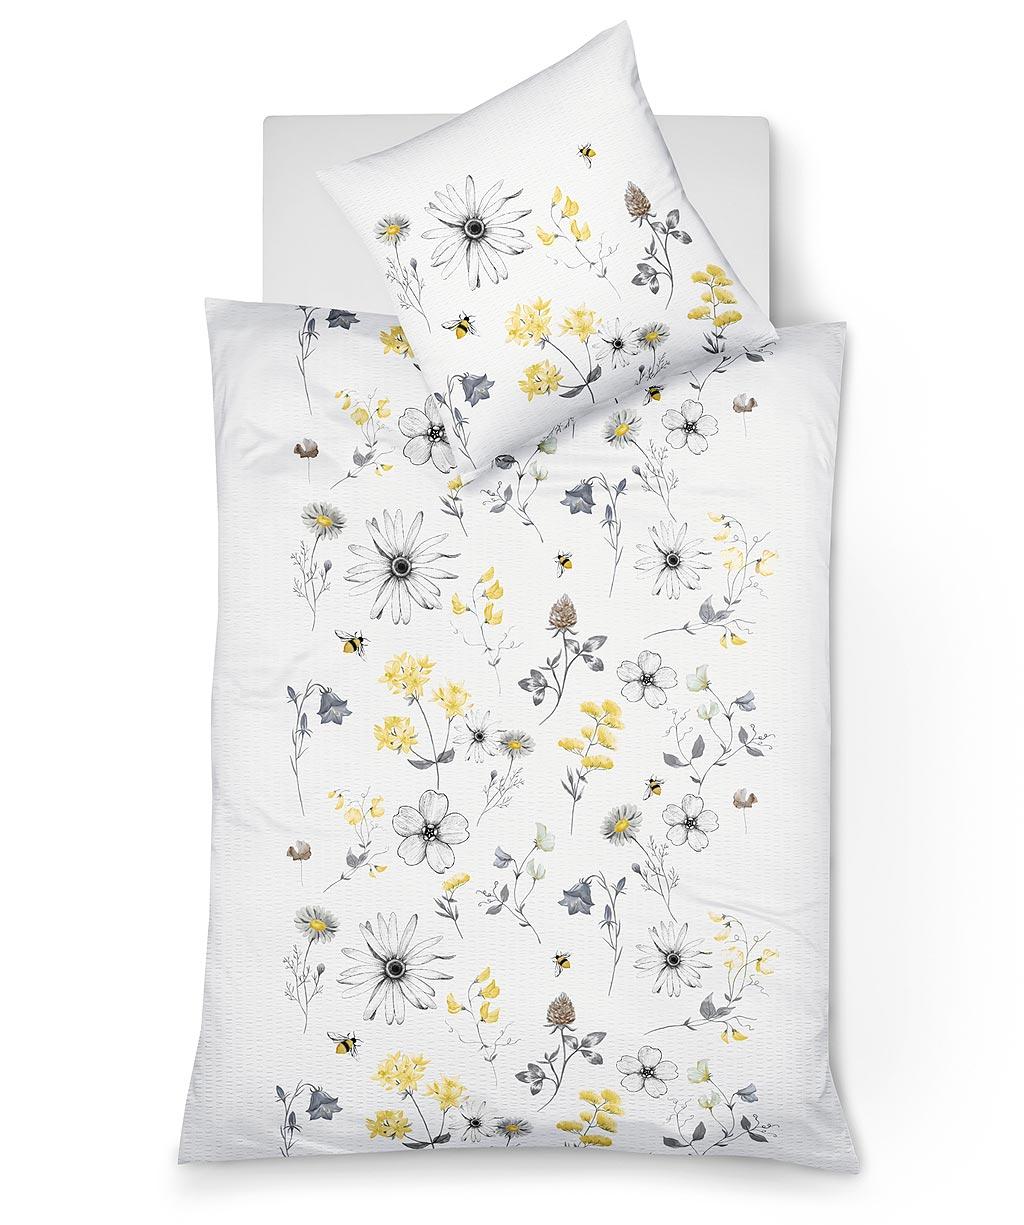 Blumenbettwäsche aus bügelfreiem Seersucker - pflegeleicht